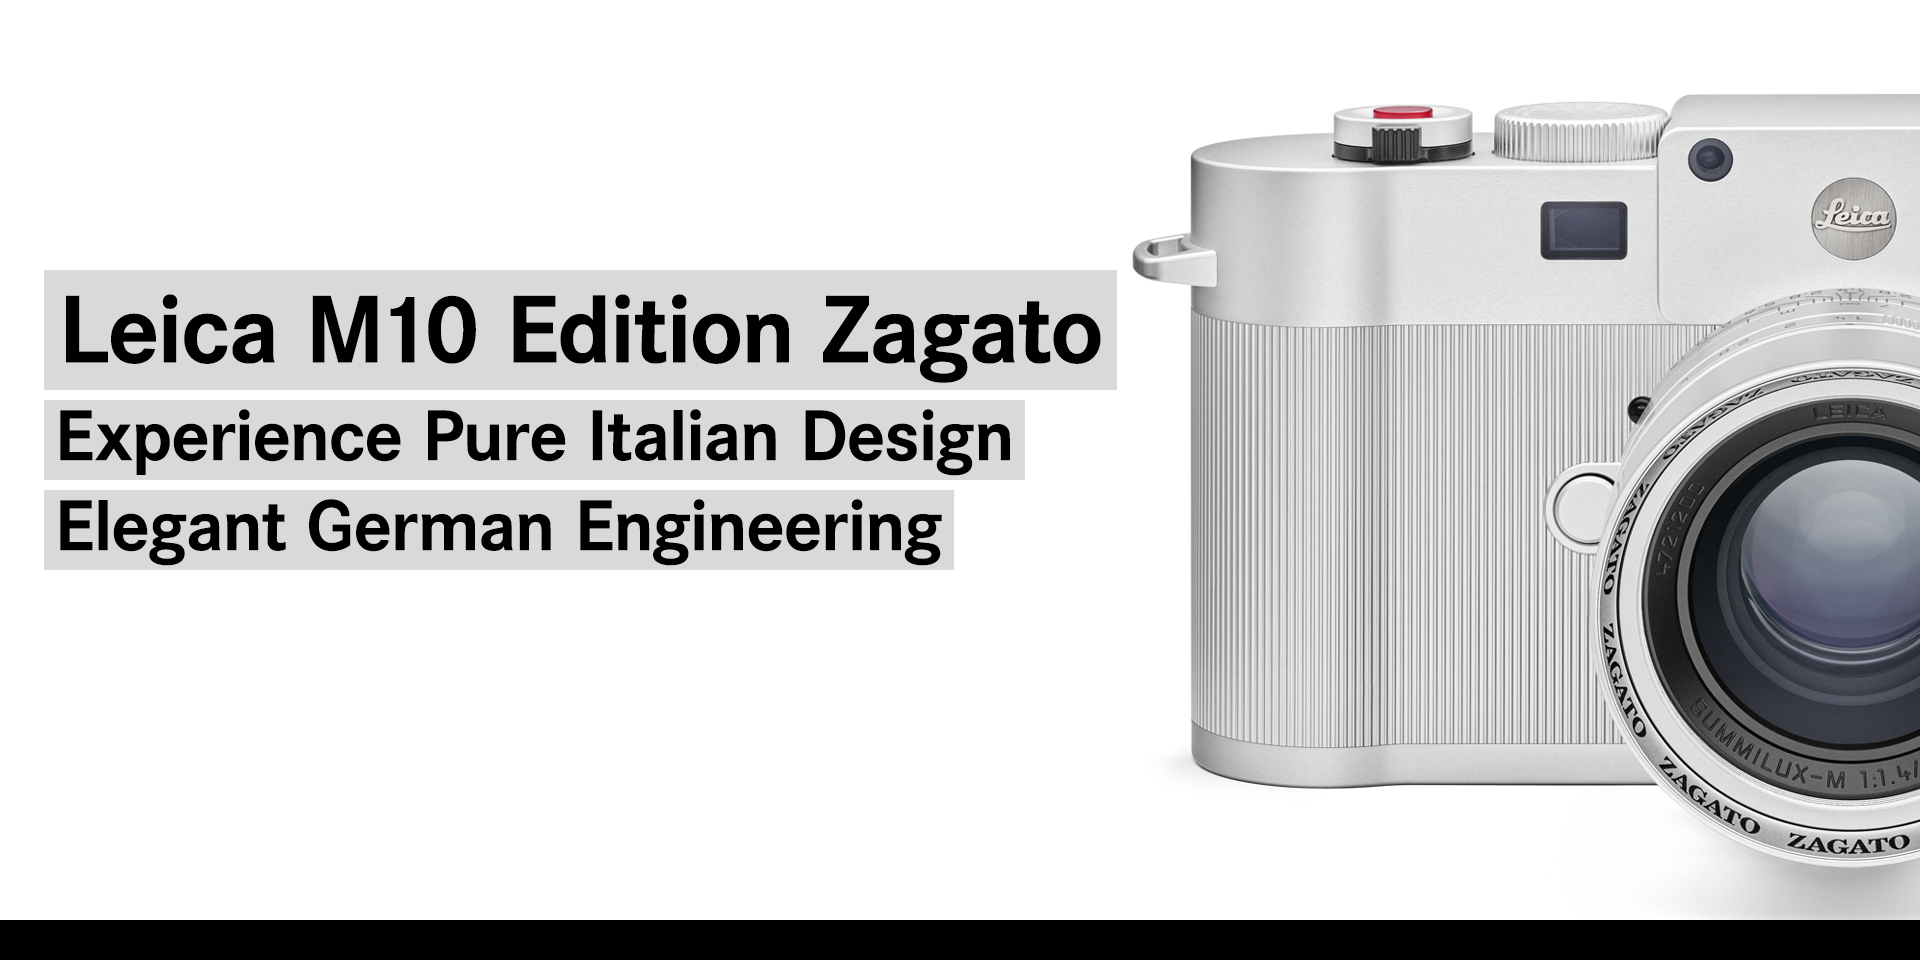 M10 Edition Zagato